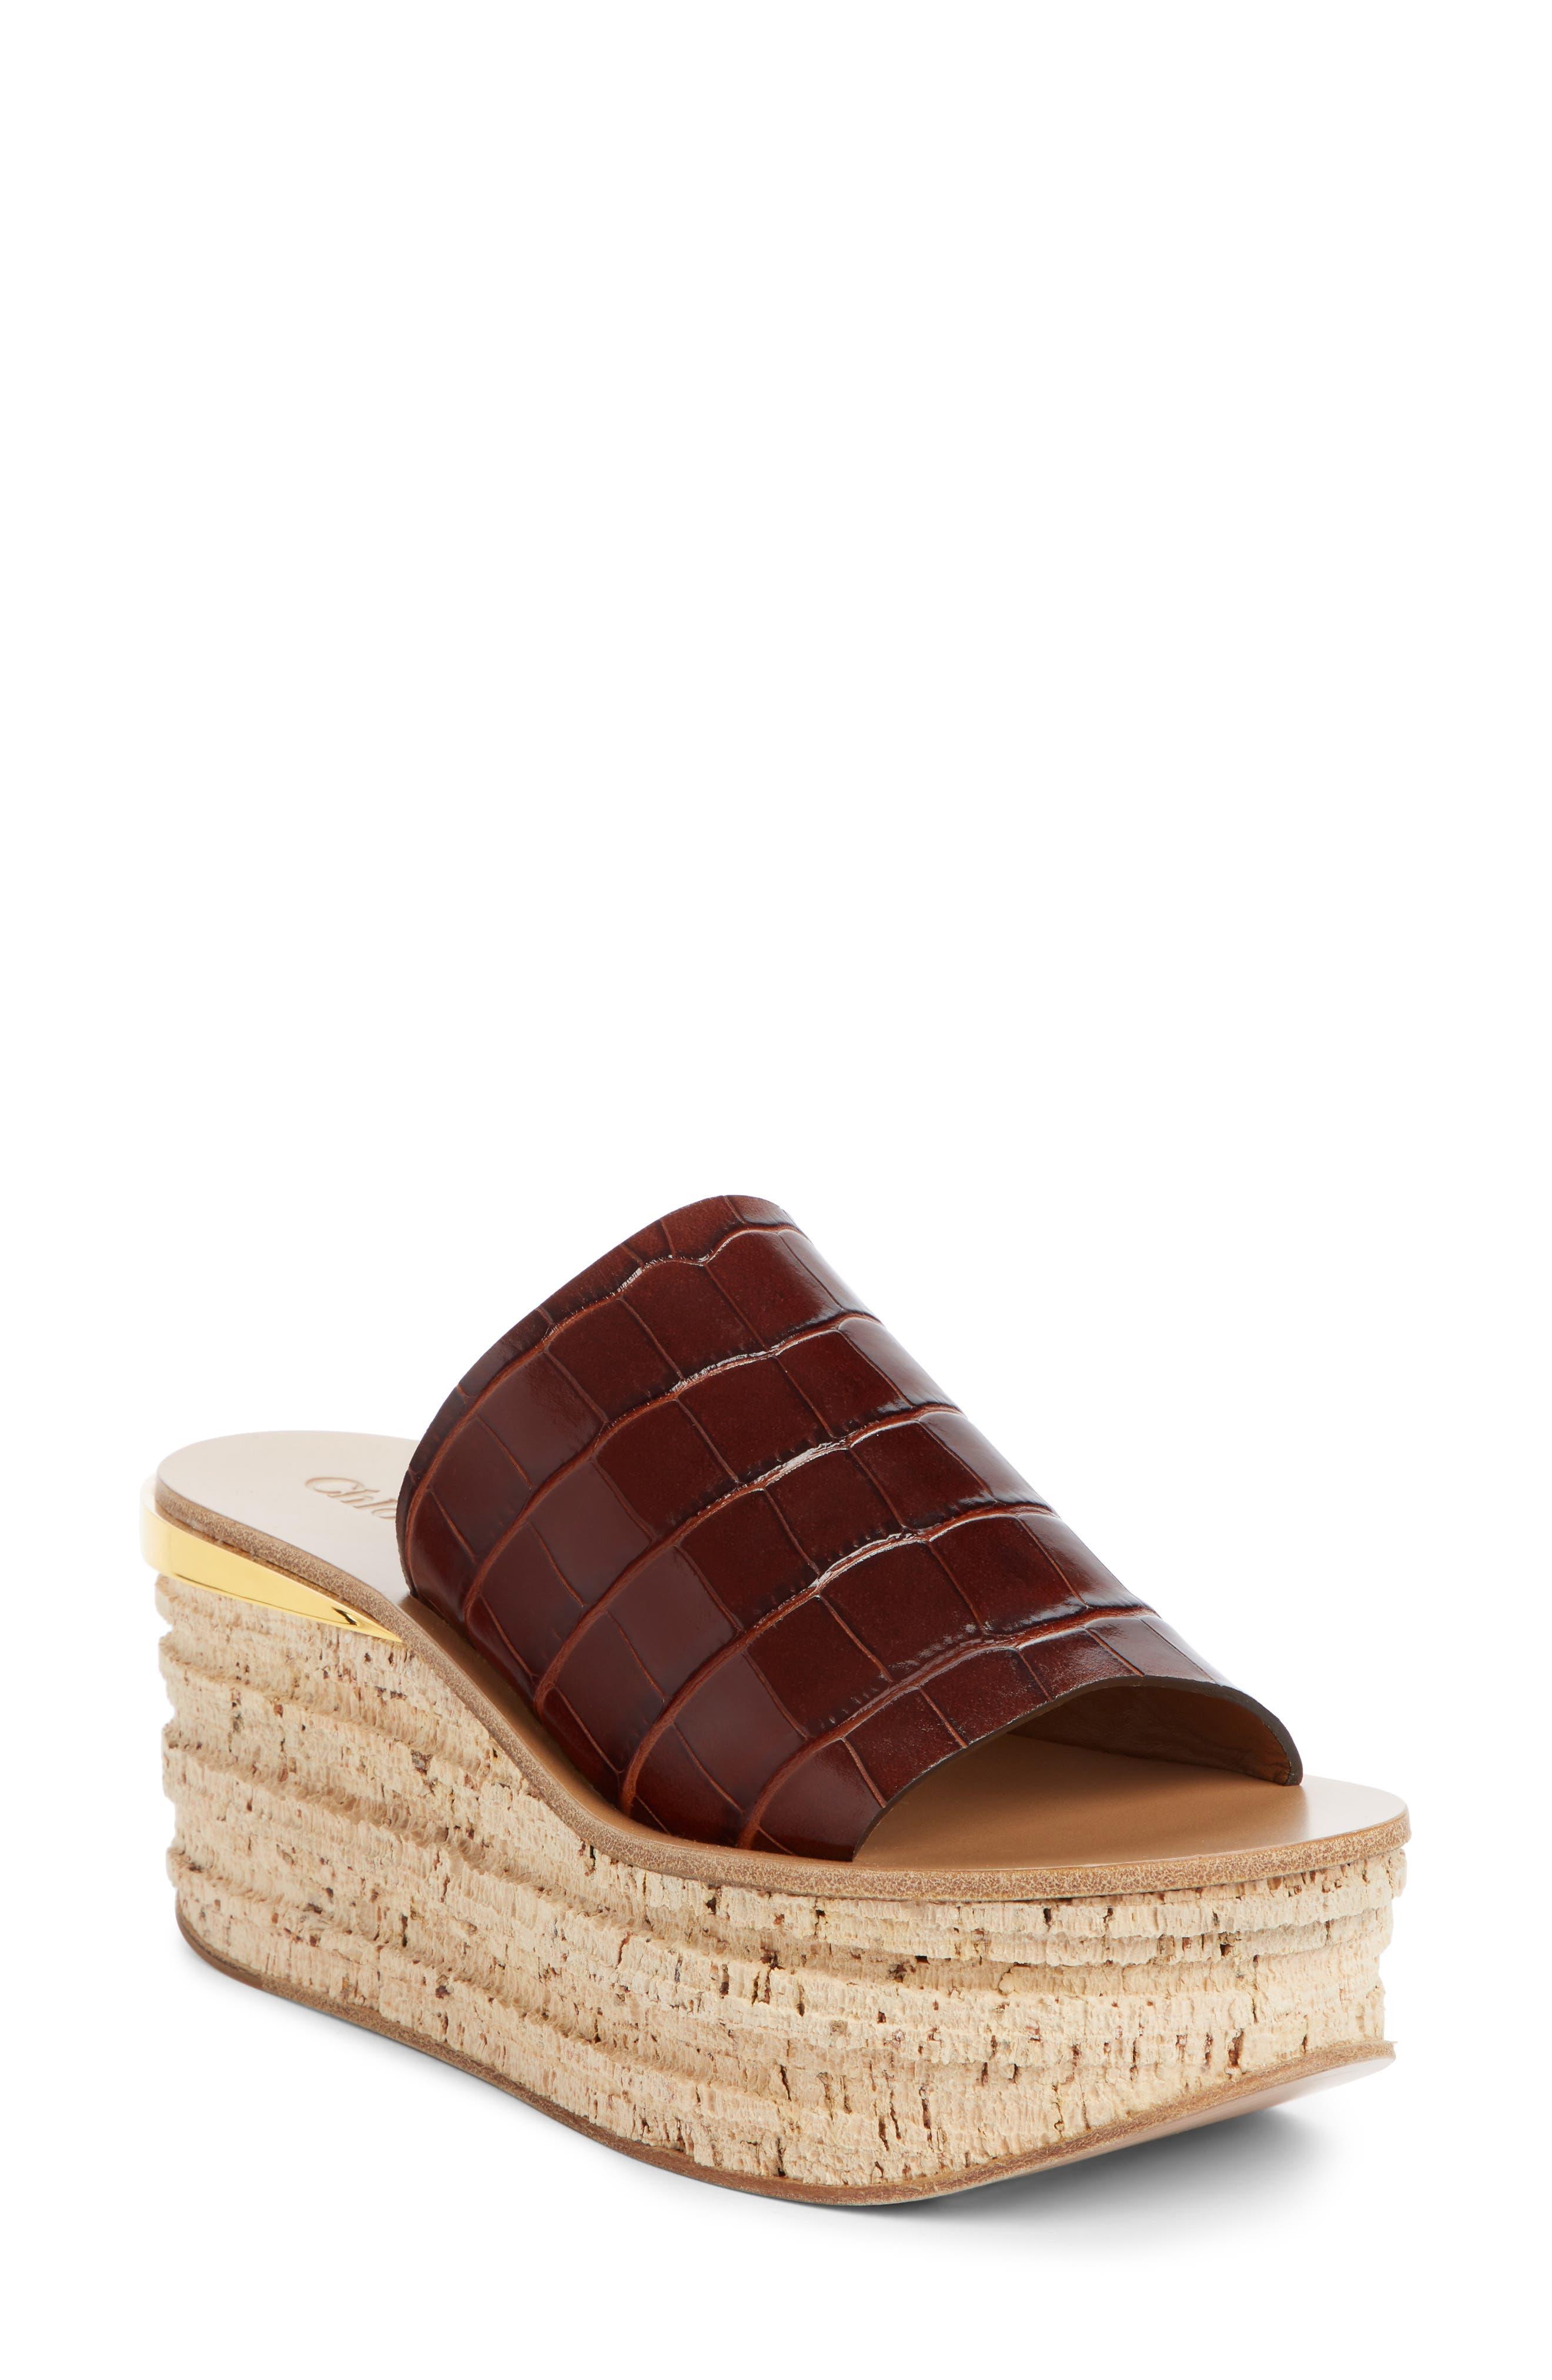 Chloe Camille Croc Embossed Cork Platform Wedge Sandal - Brown